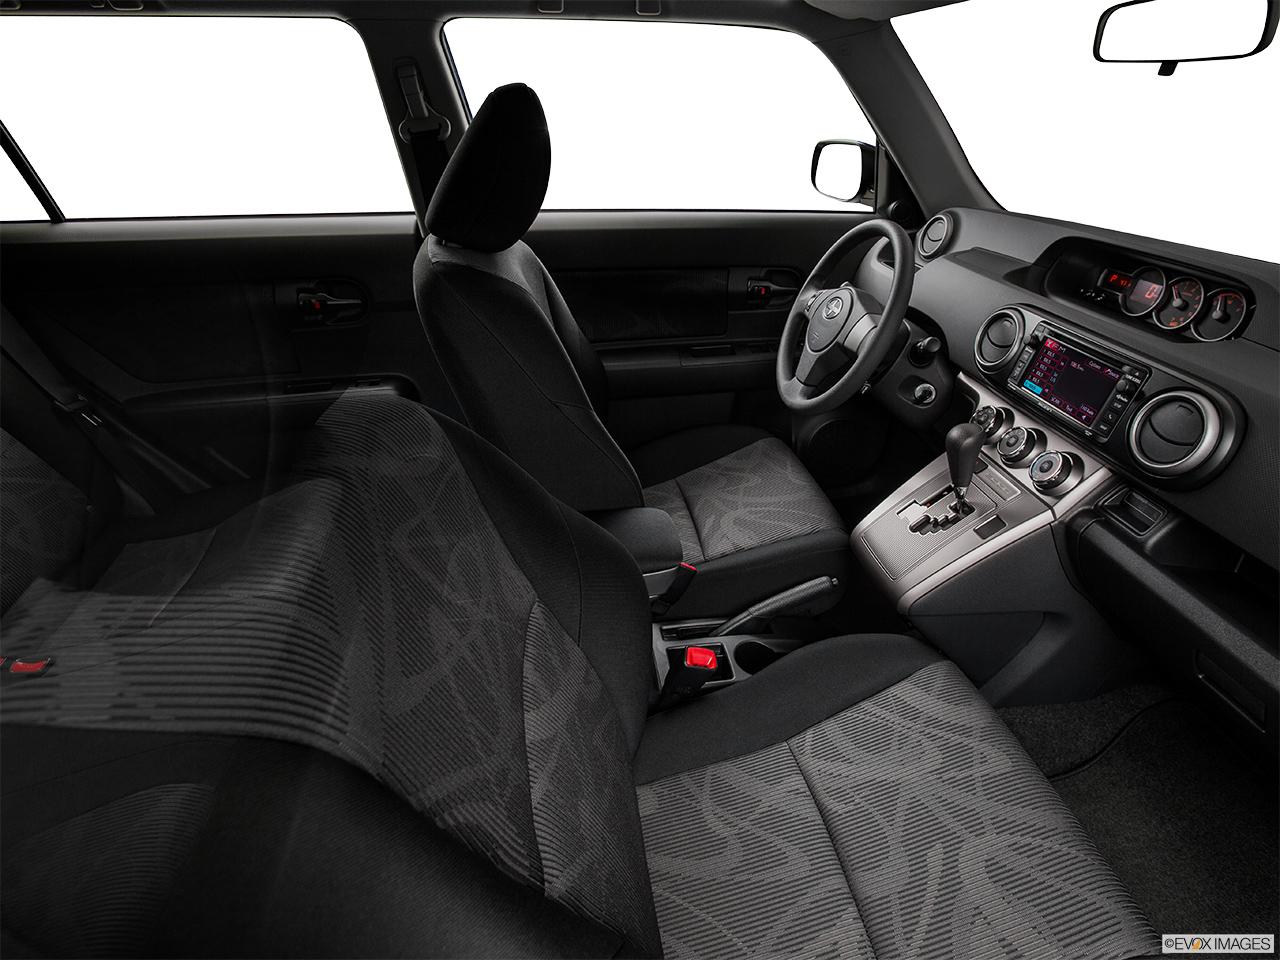 2014 scion xb interior. 2014 scion xb 5 door manual se wagon fake buck shot interior xb